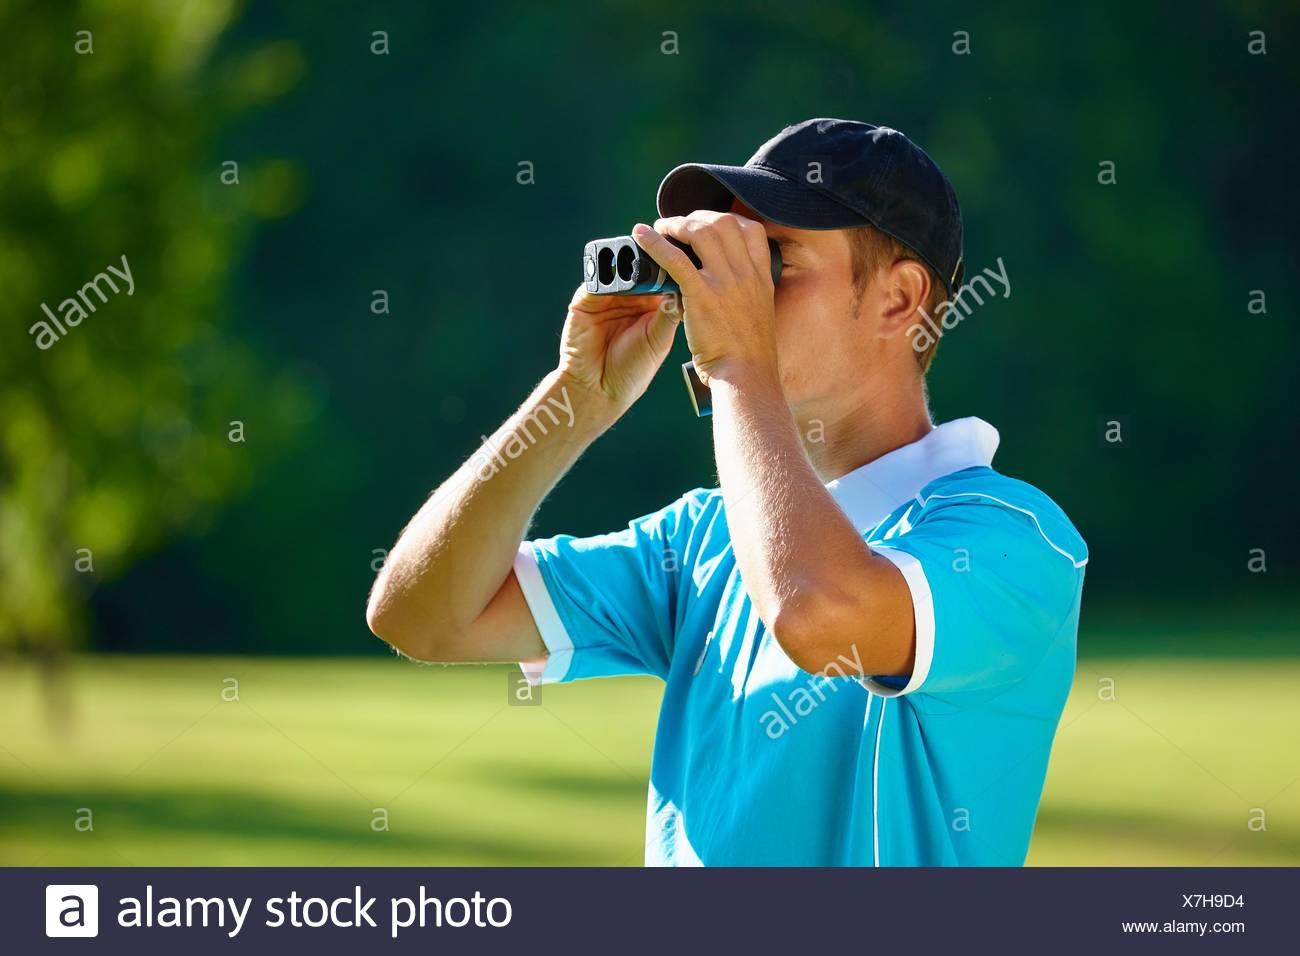 Da Che Metà Uomo Guardando Adulto Cappello Indossa Baseball wPOA1qfCO